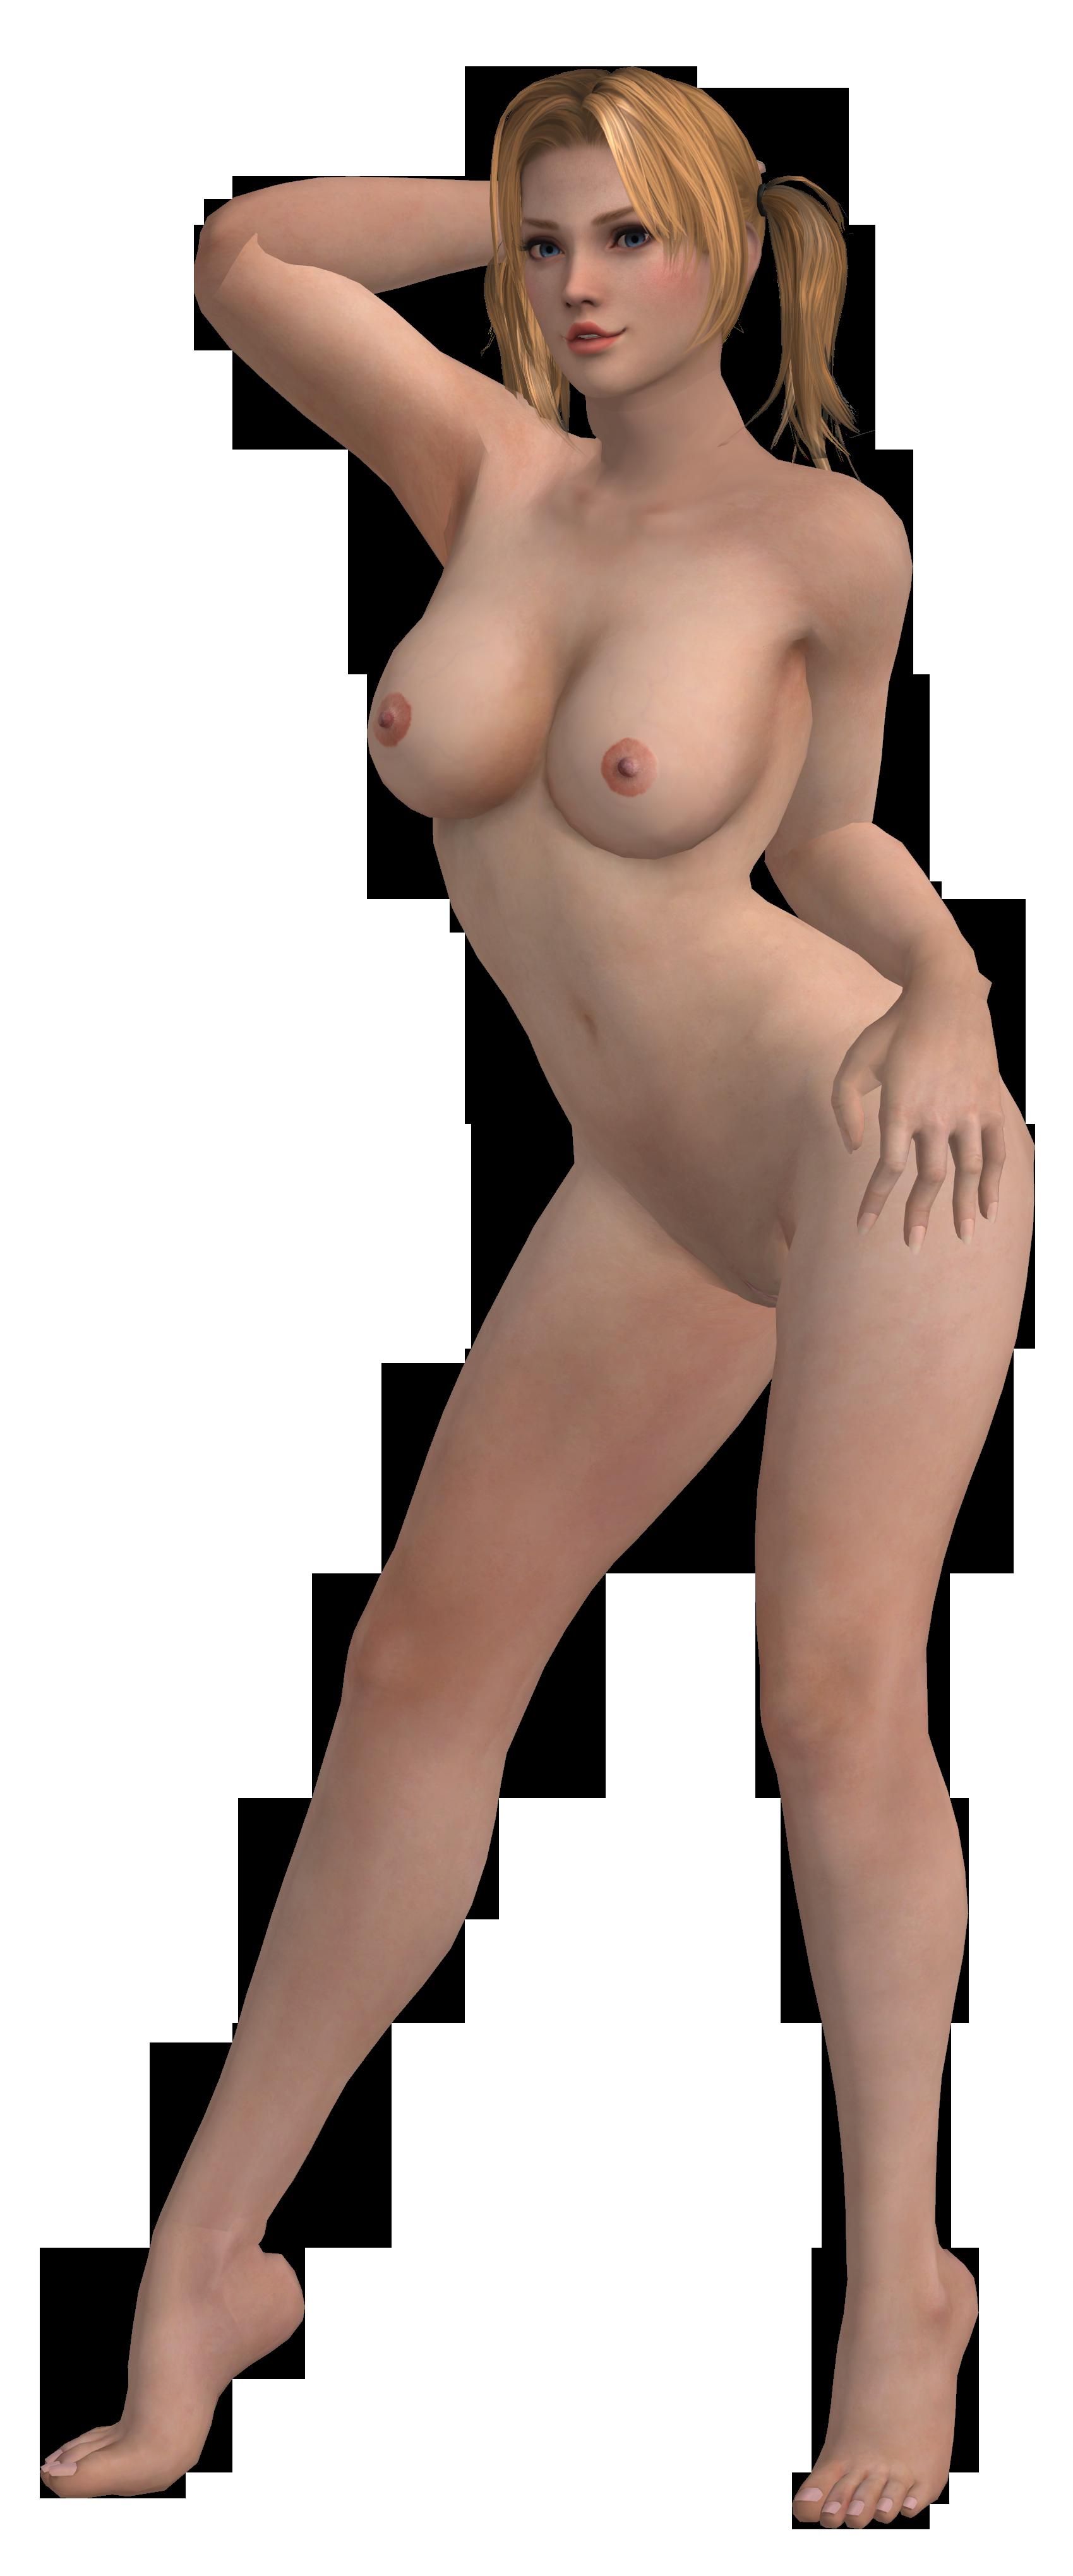 Saxy man woman